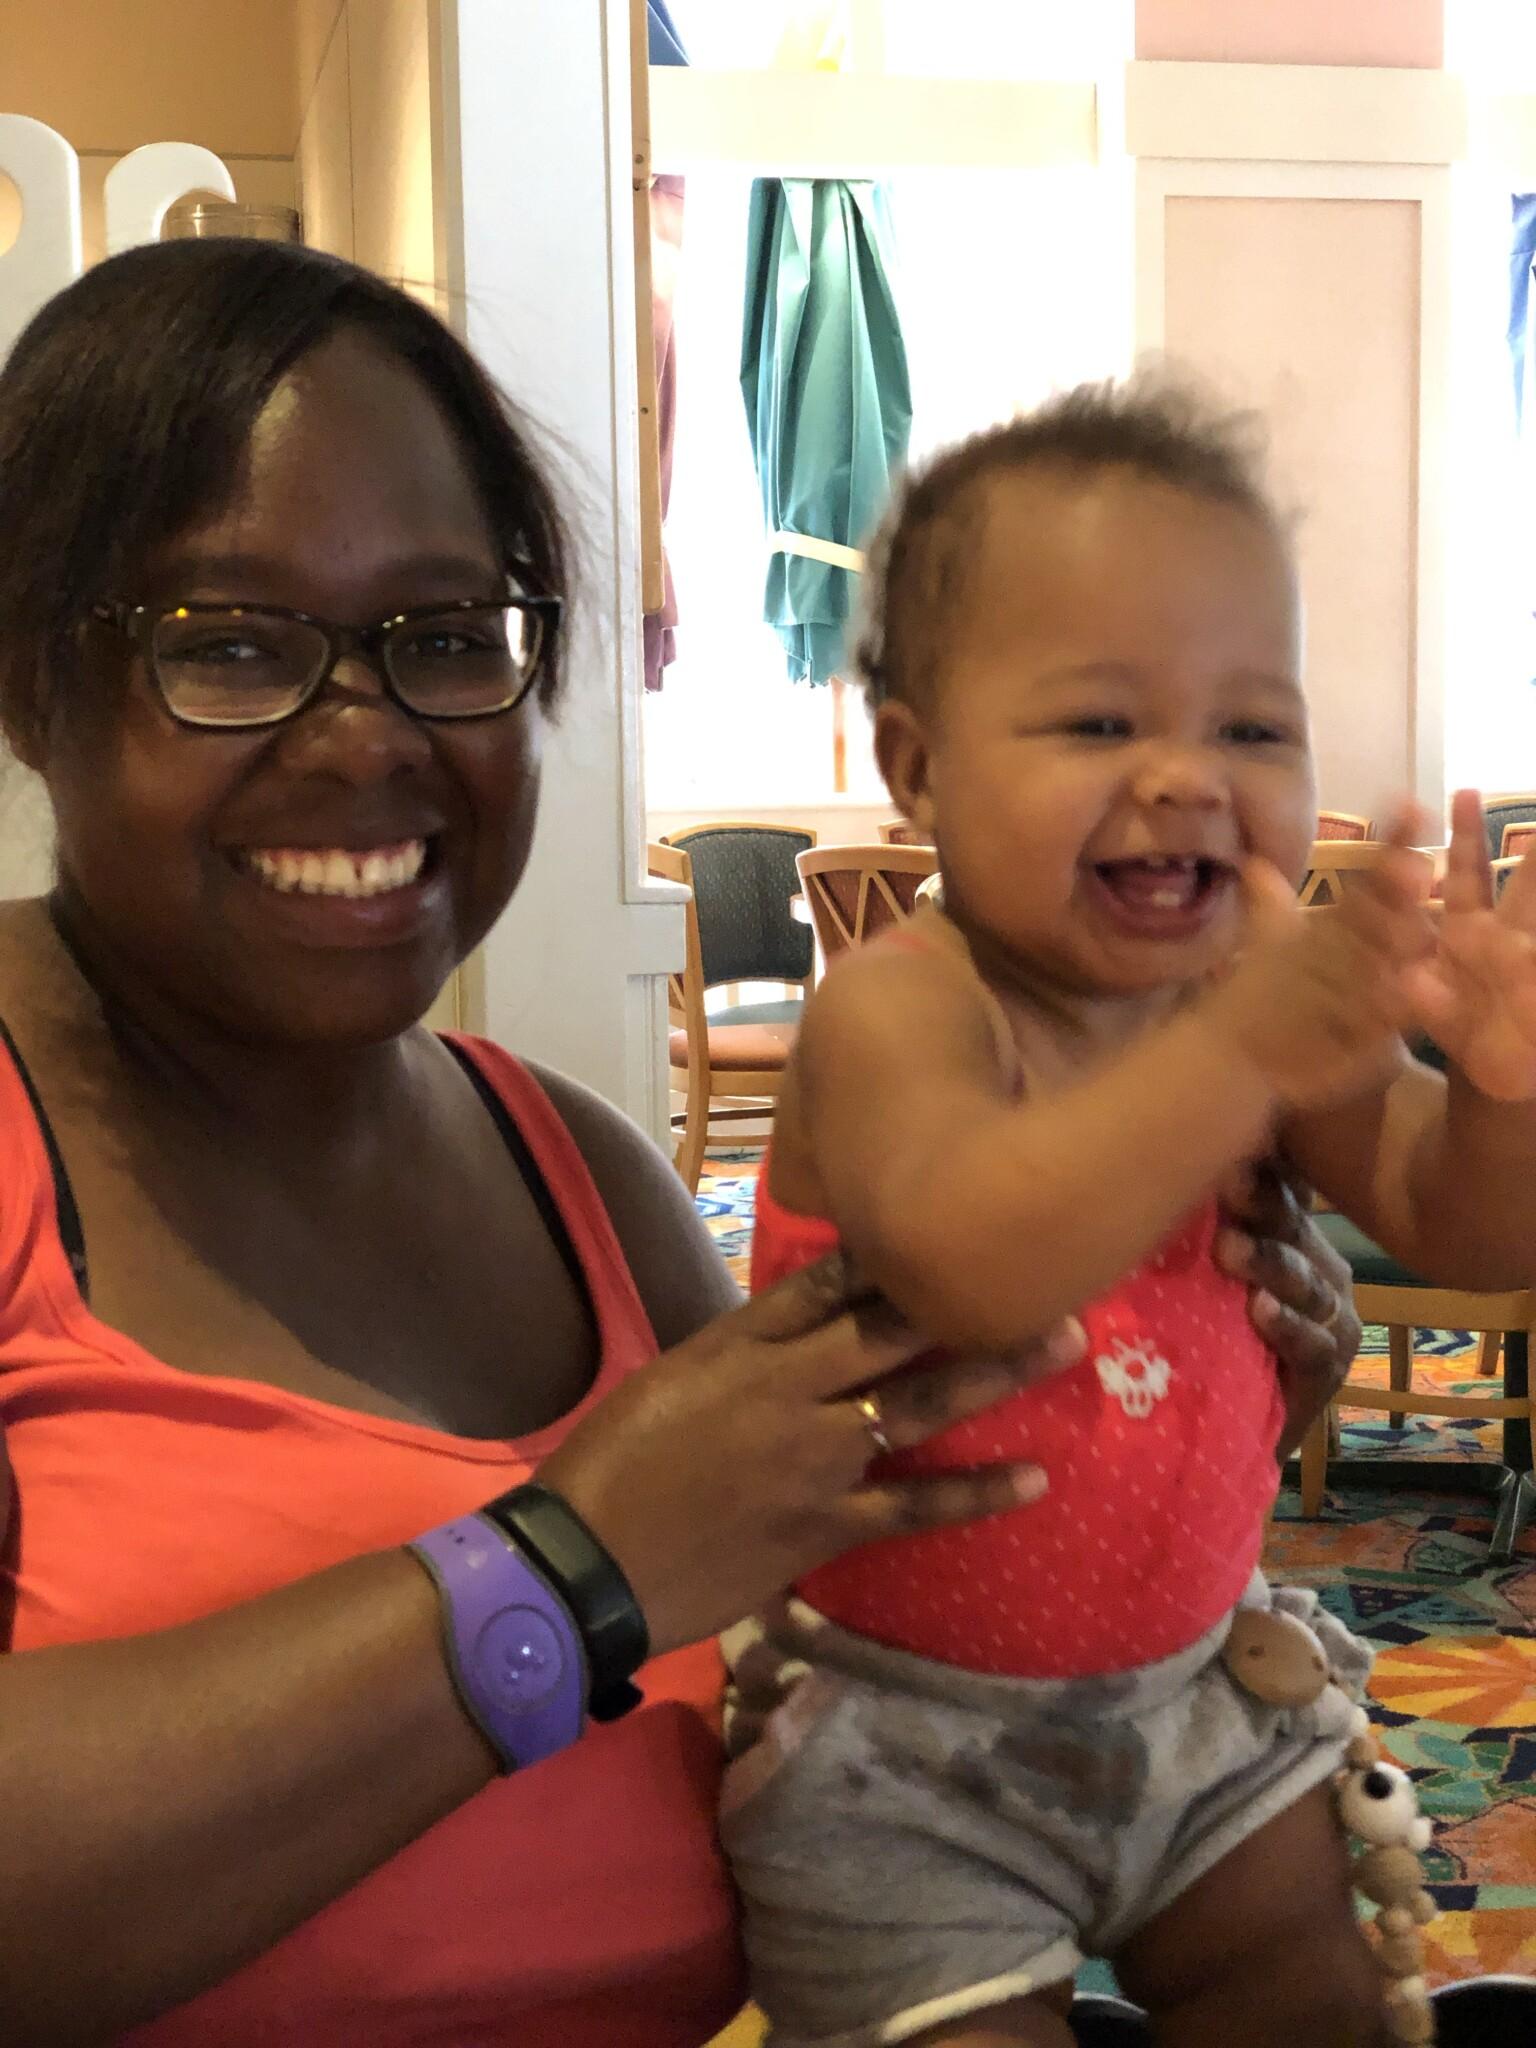 2 semaines en Floride avec un bébé de 1 an - Séjour du 2 au 16 mai 2019 DCL + WDW - Page 18 IMG_2834-1536x2048